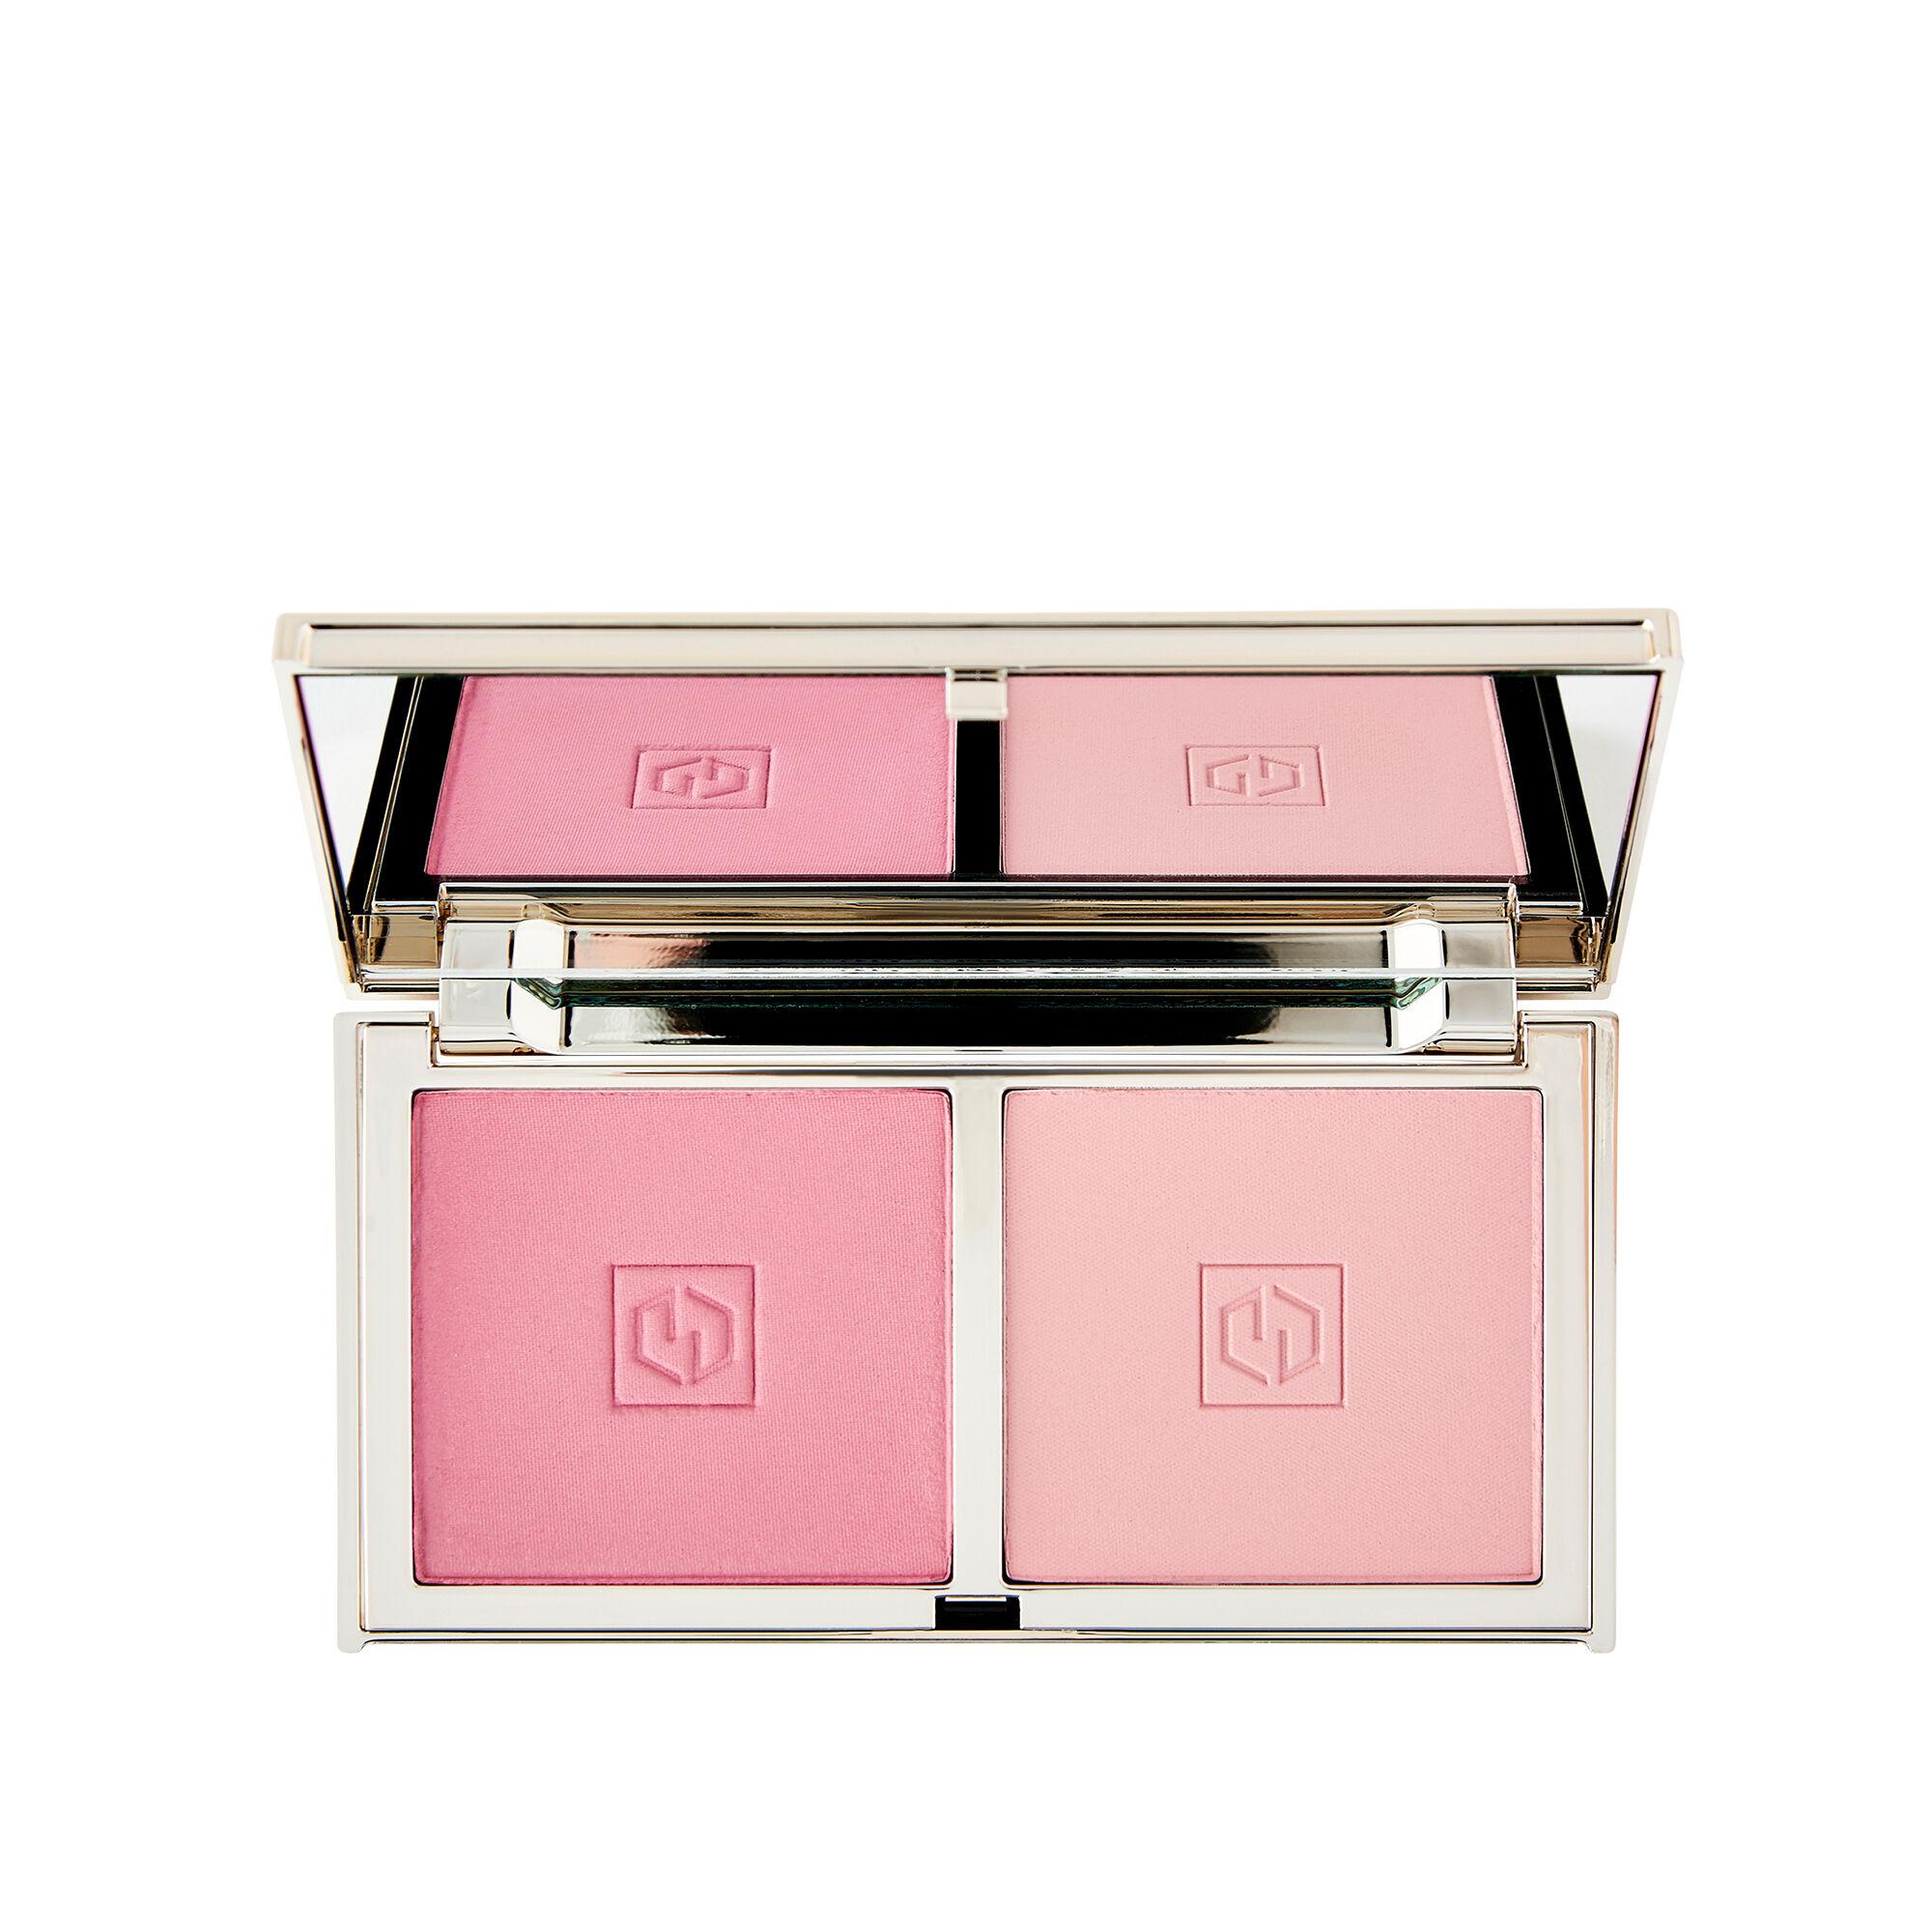 Jouer Cosmetics Blush Bouquet Dual Blush Palette Coquette 11g